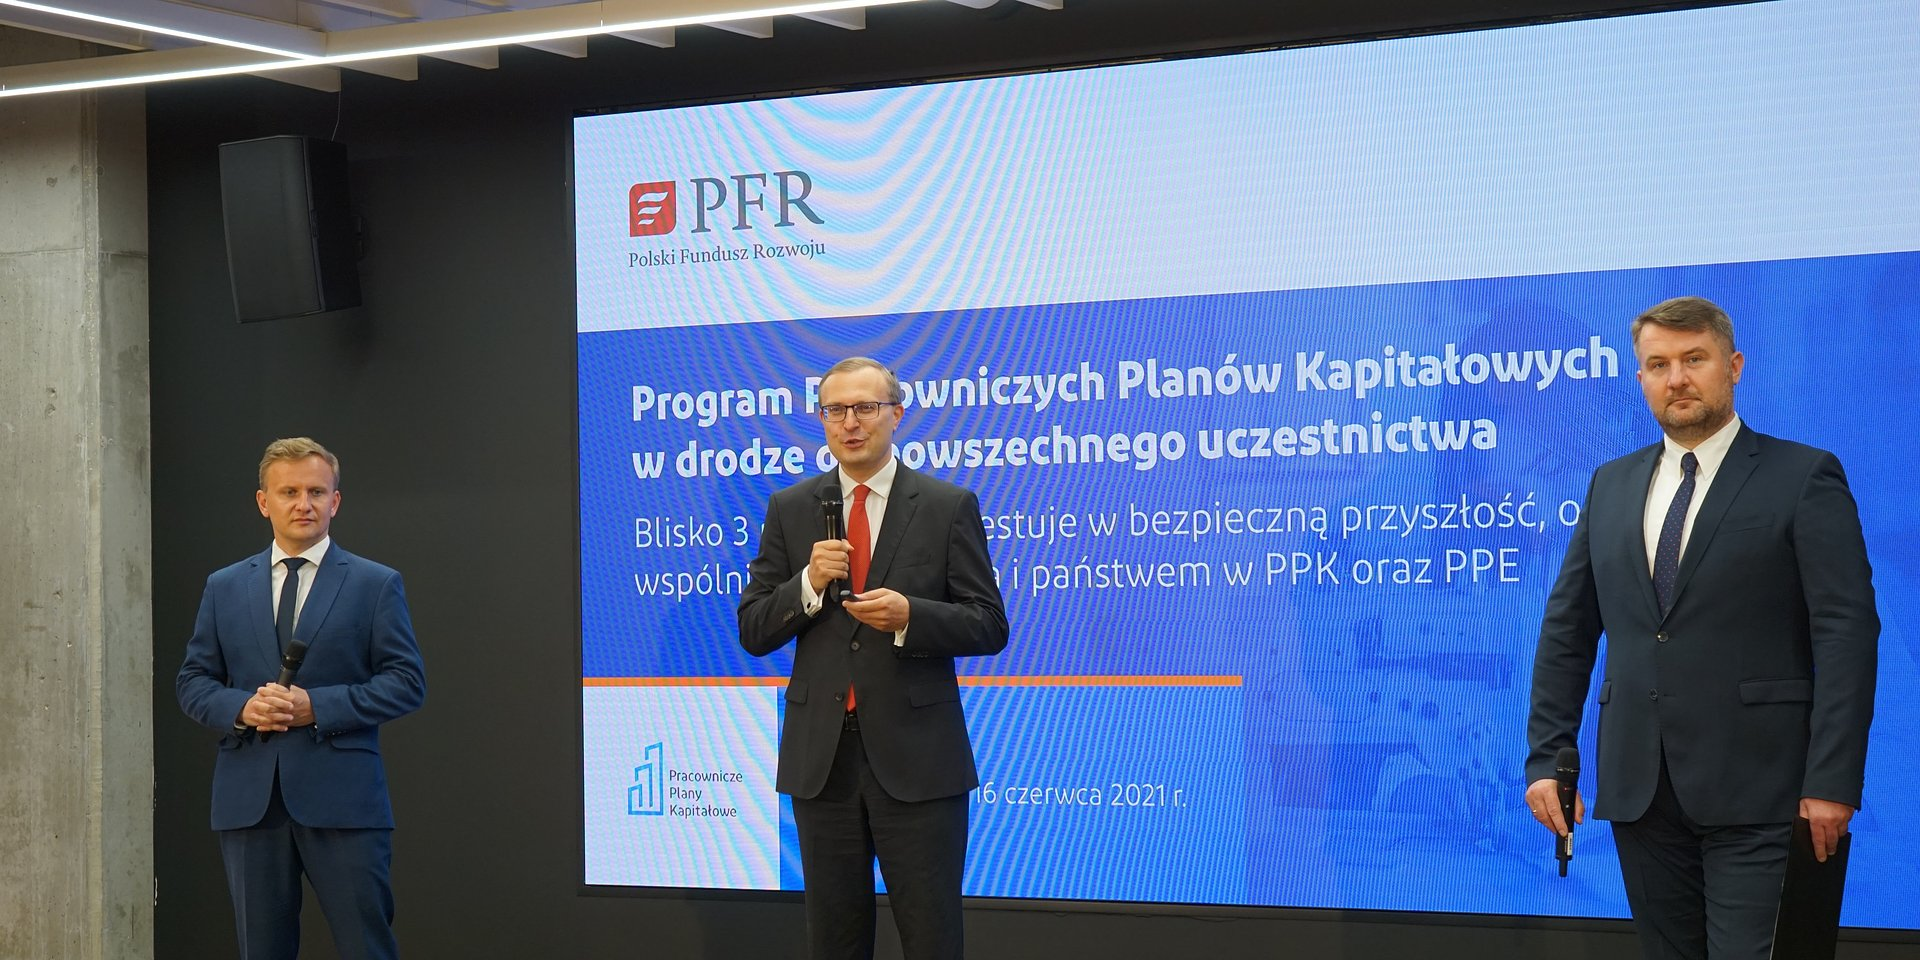 Co trzeci pracownik w Polsce oszczędza wspólnie z pracodawcą – podsumowanie wdrożenia PPK